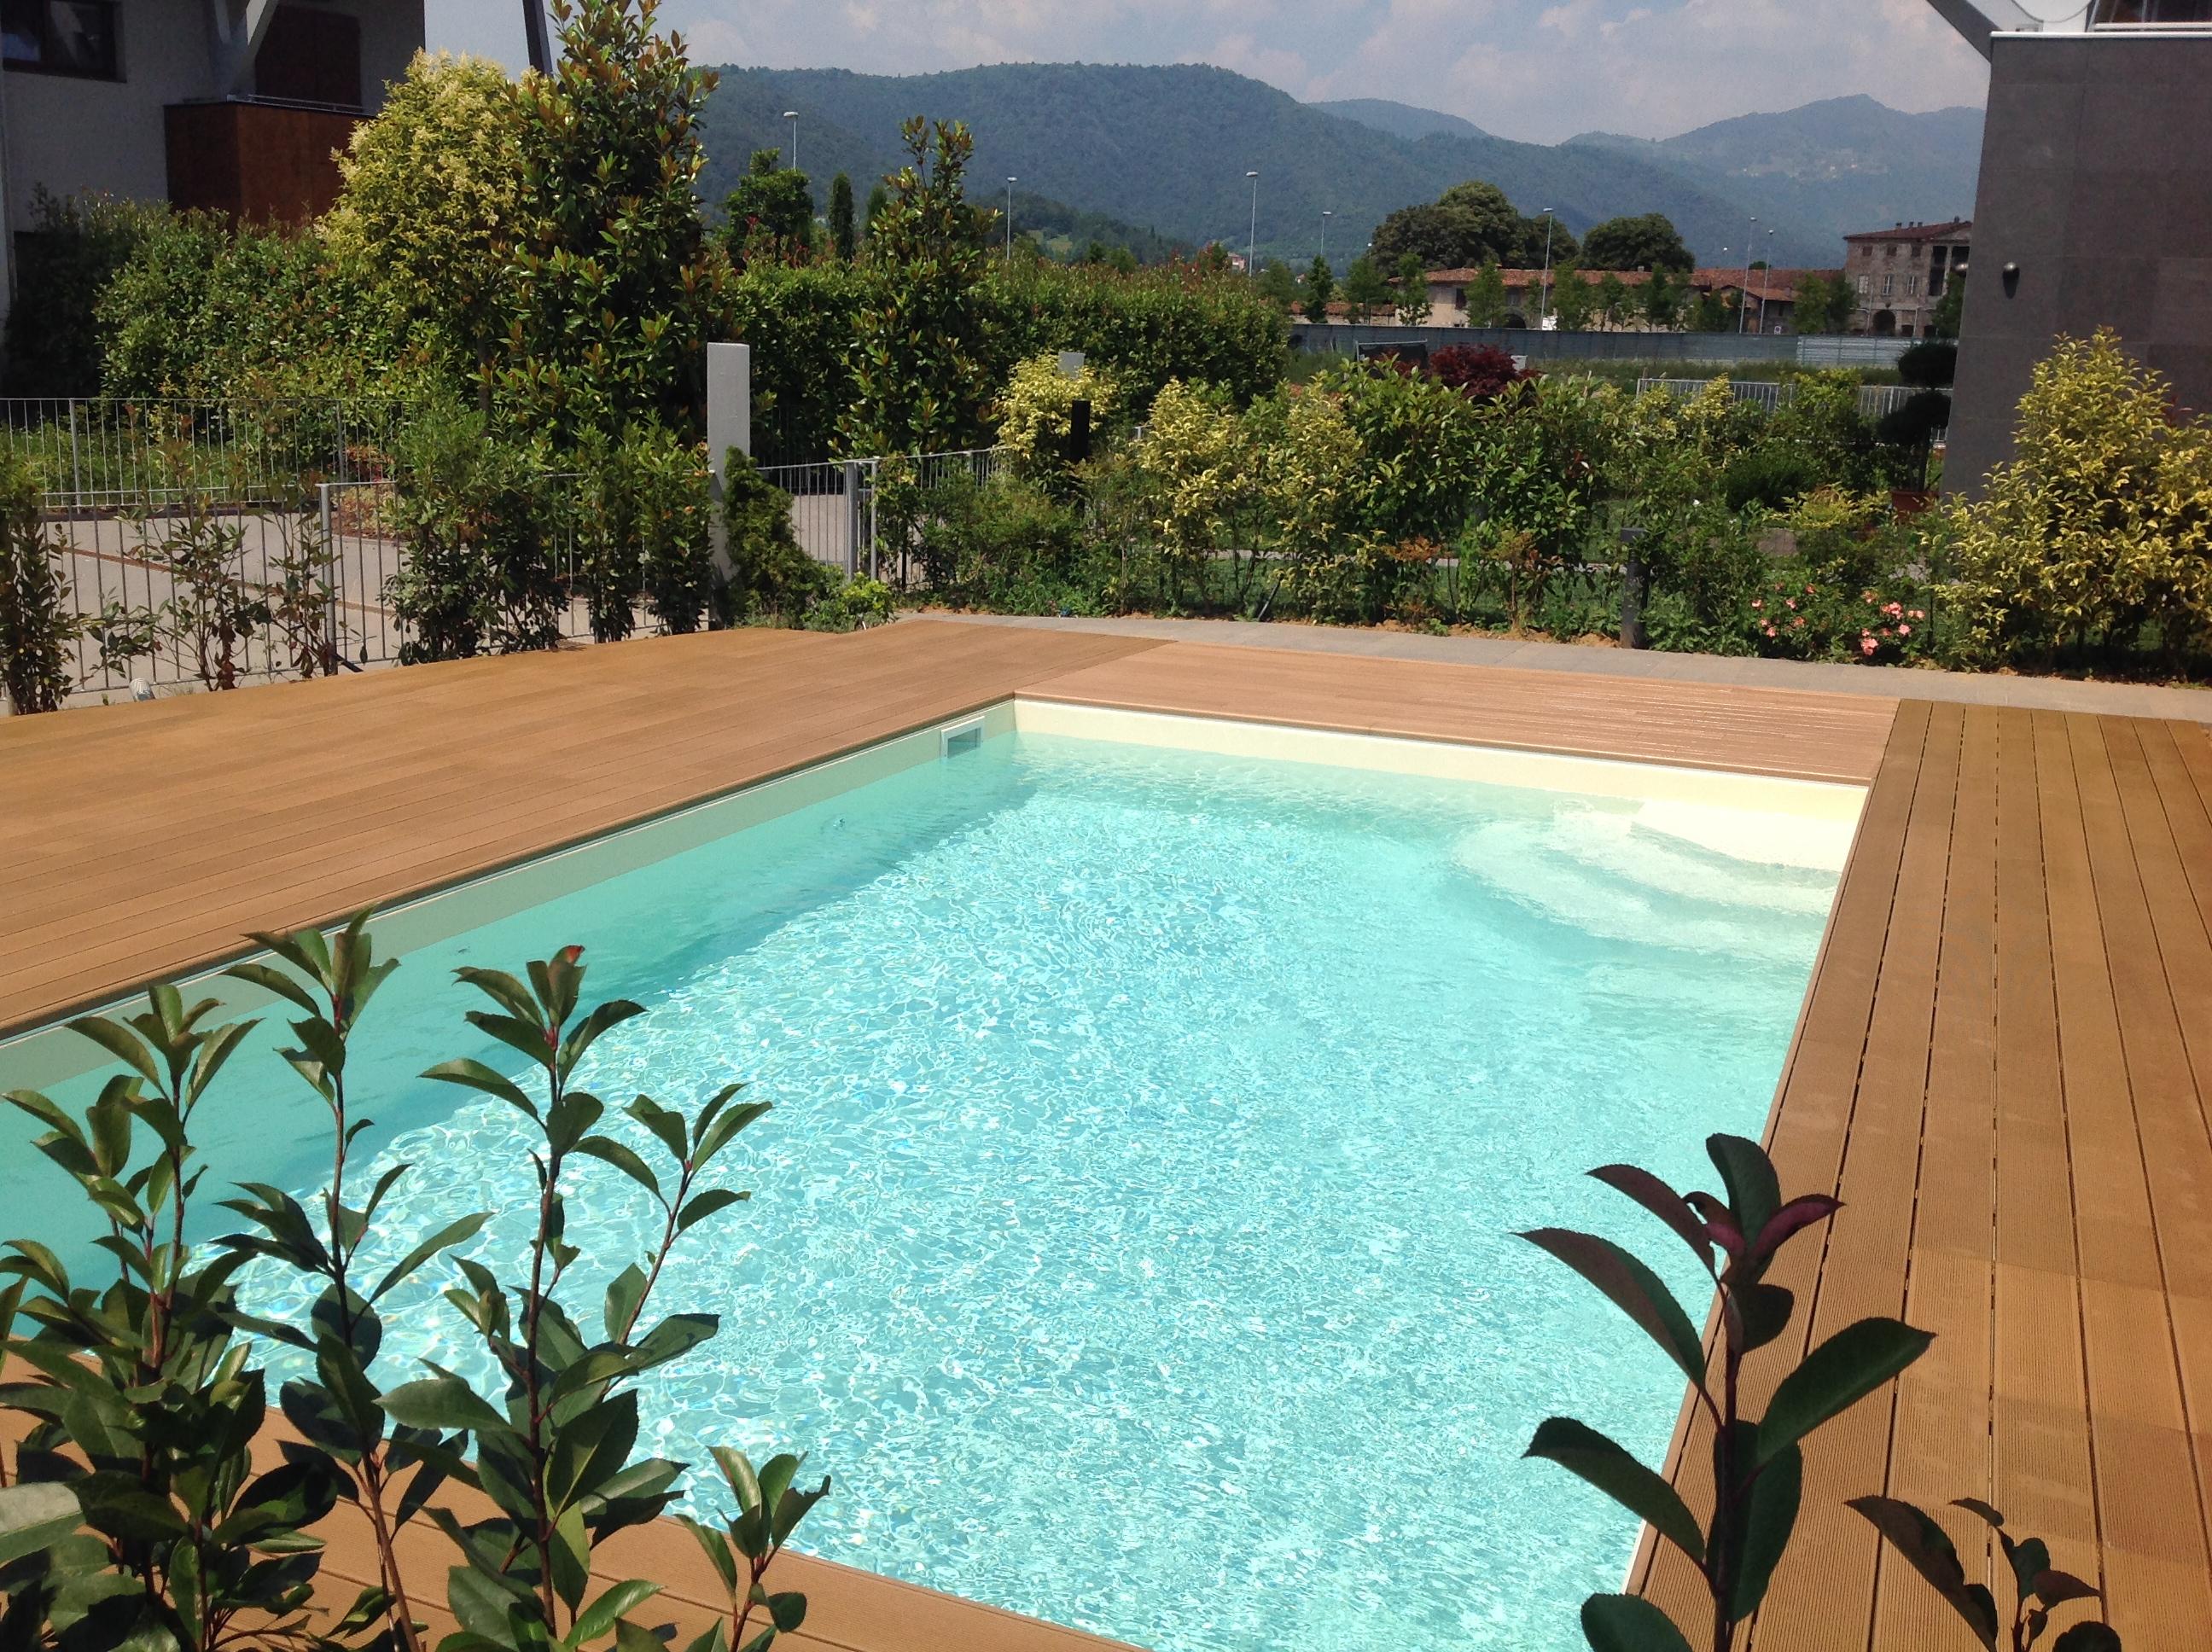 ILMADEINBERGAMO » Ciemme, la piscina preferite costruirla in ...